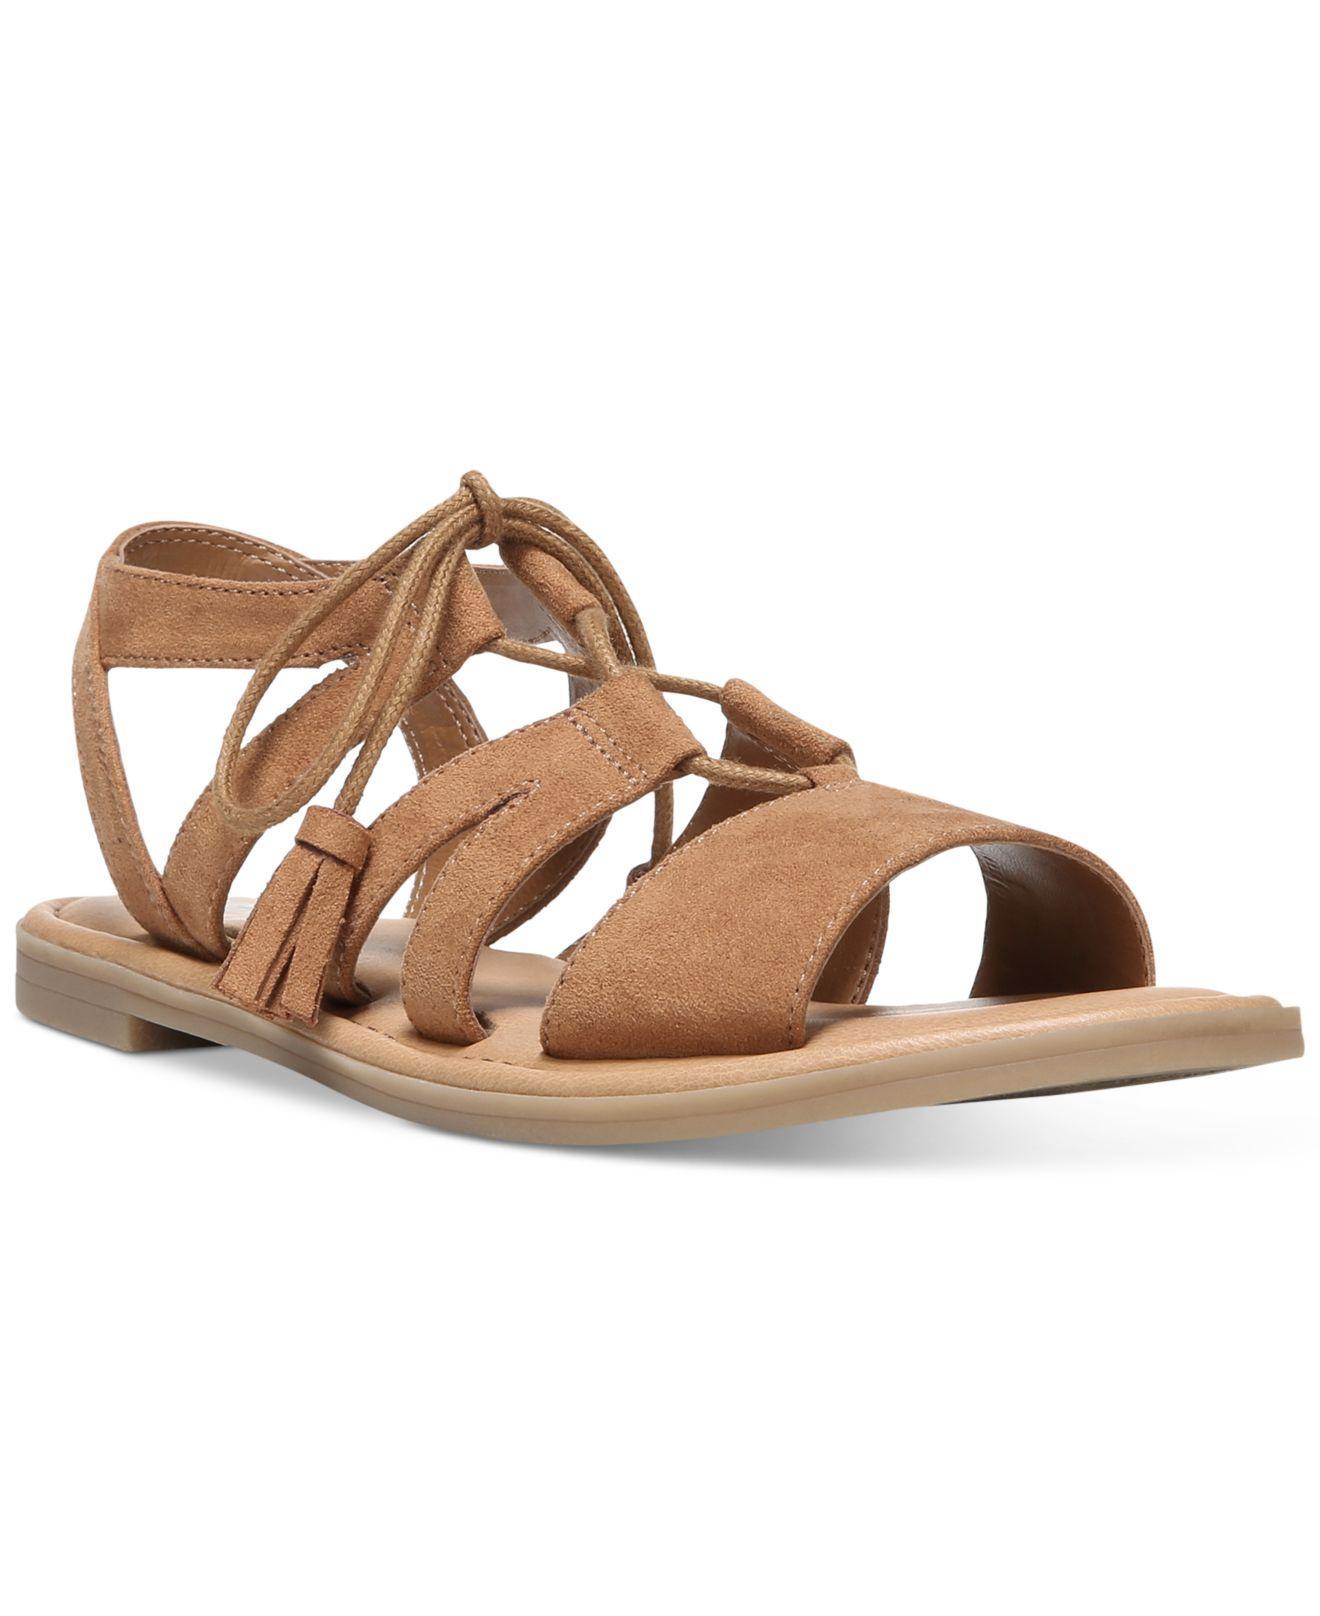 Dr Scholls Lace Up Shoes